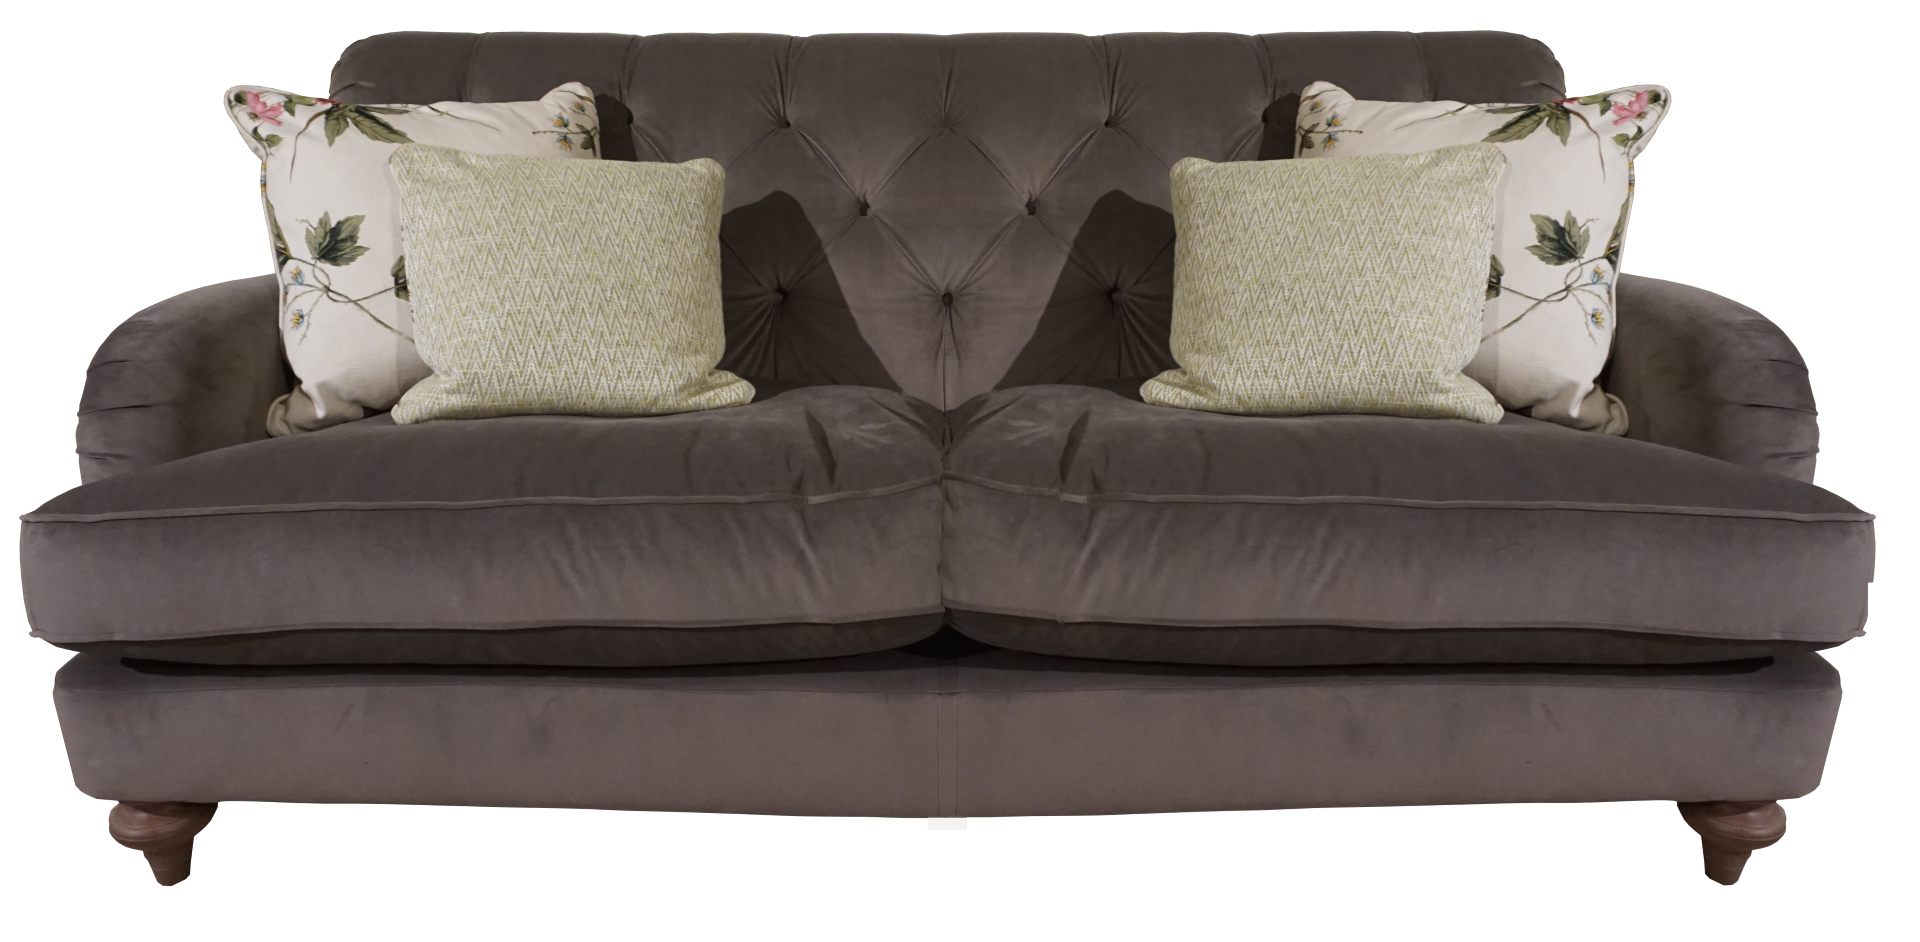 Coachford Medium Sofa